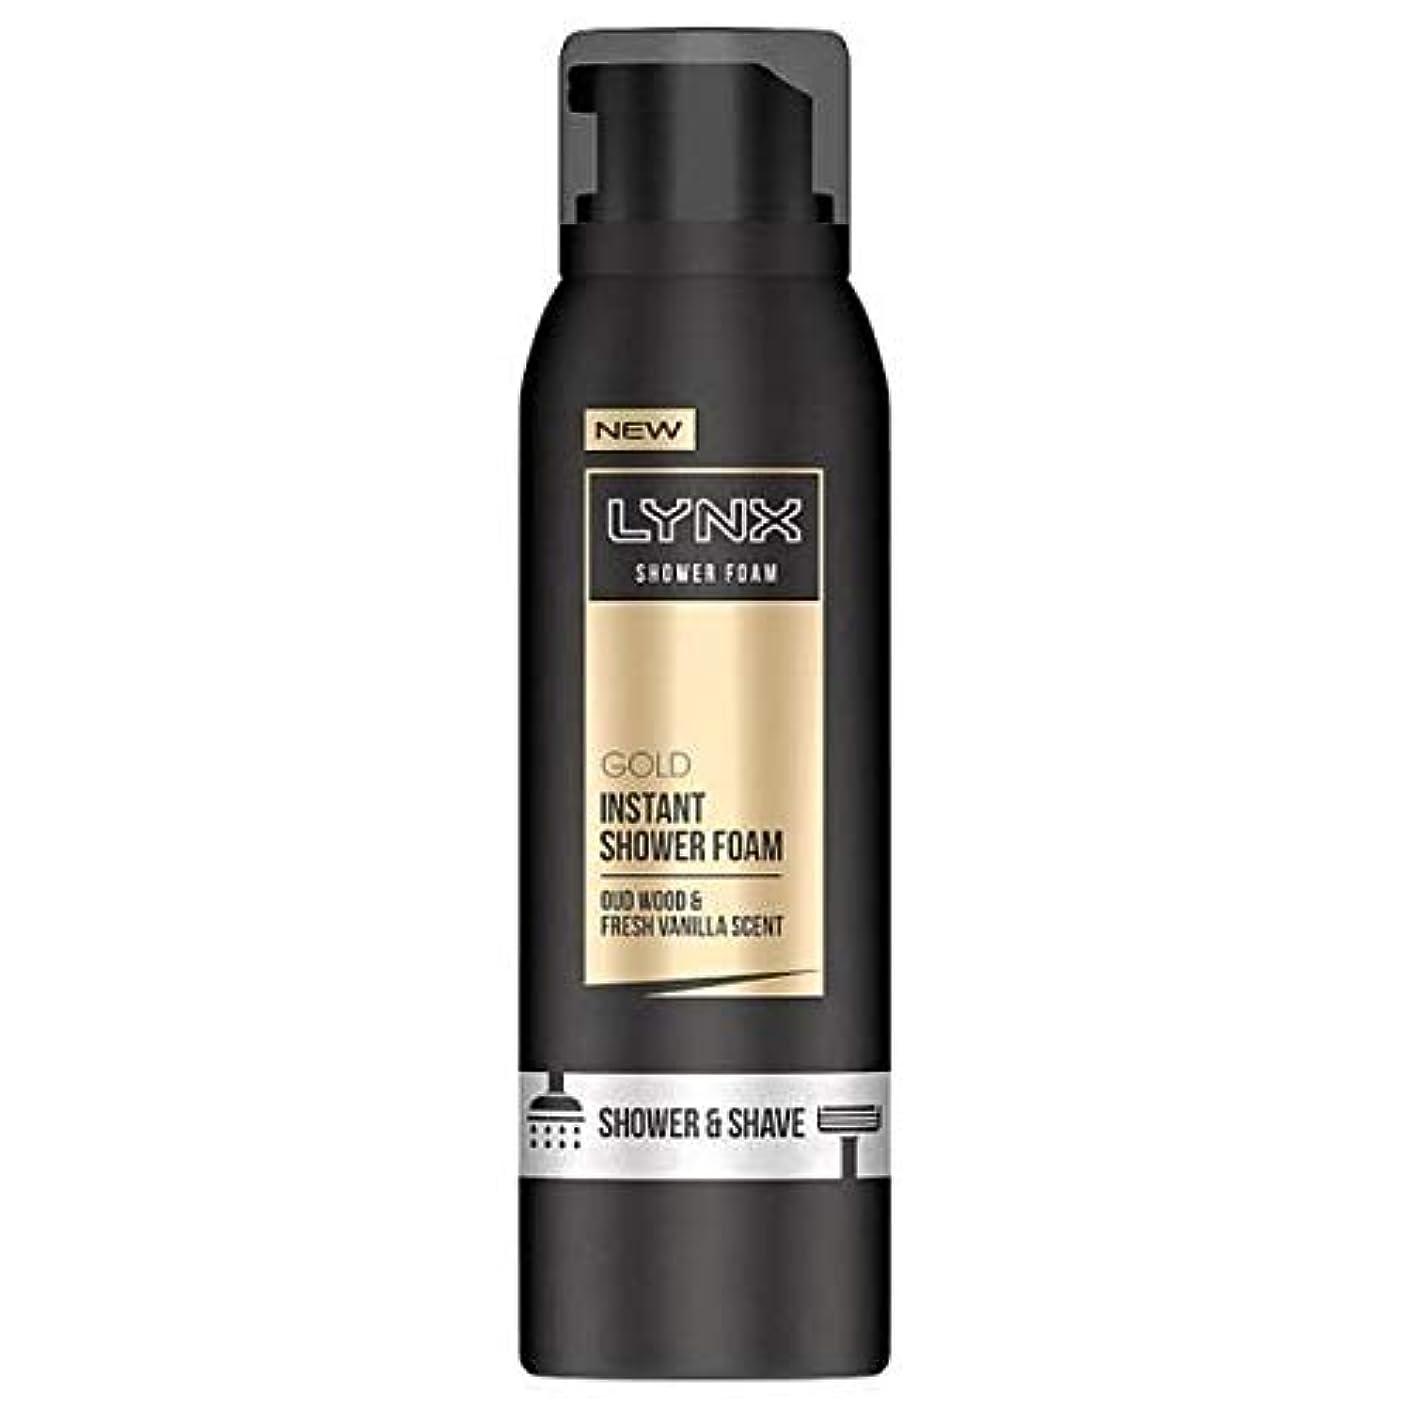 本質的ではない手数料男らしさ[Lynx ] オオヤマネコウードウッド&バニラの香りのシャワー&泡200ミリリットルを剃ります - Lynx Oud Wood & Vanilla Scent Shower & Shave Foam 200ml [並行輸入品]